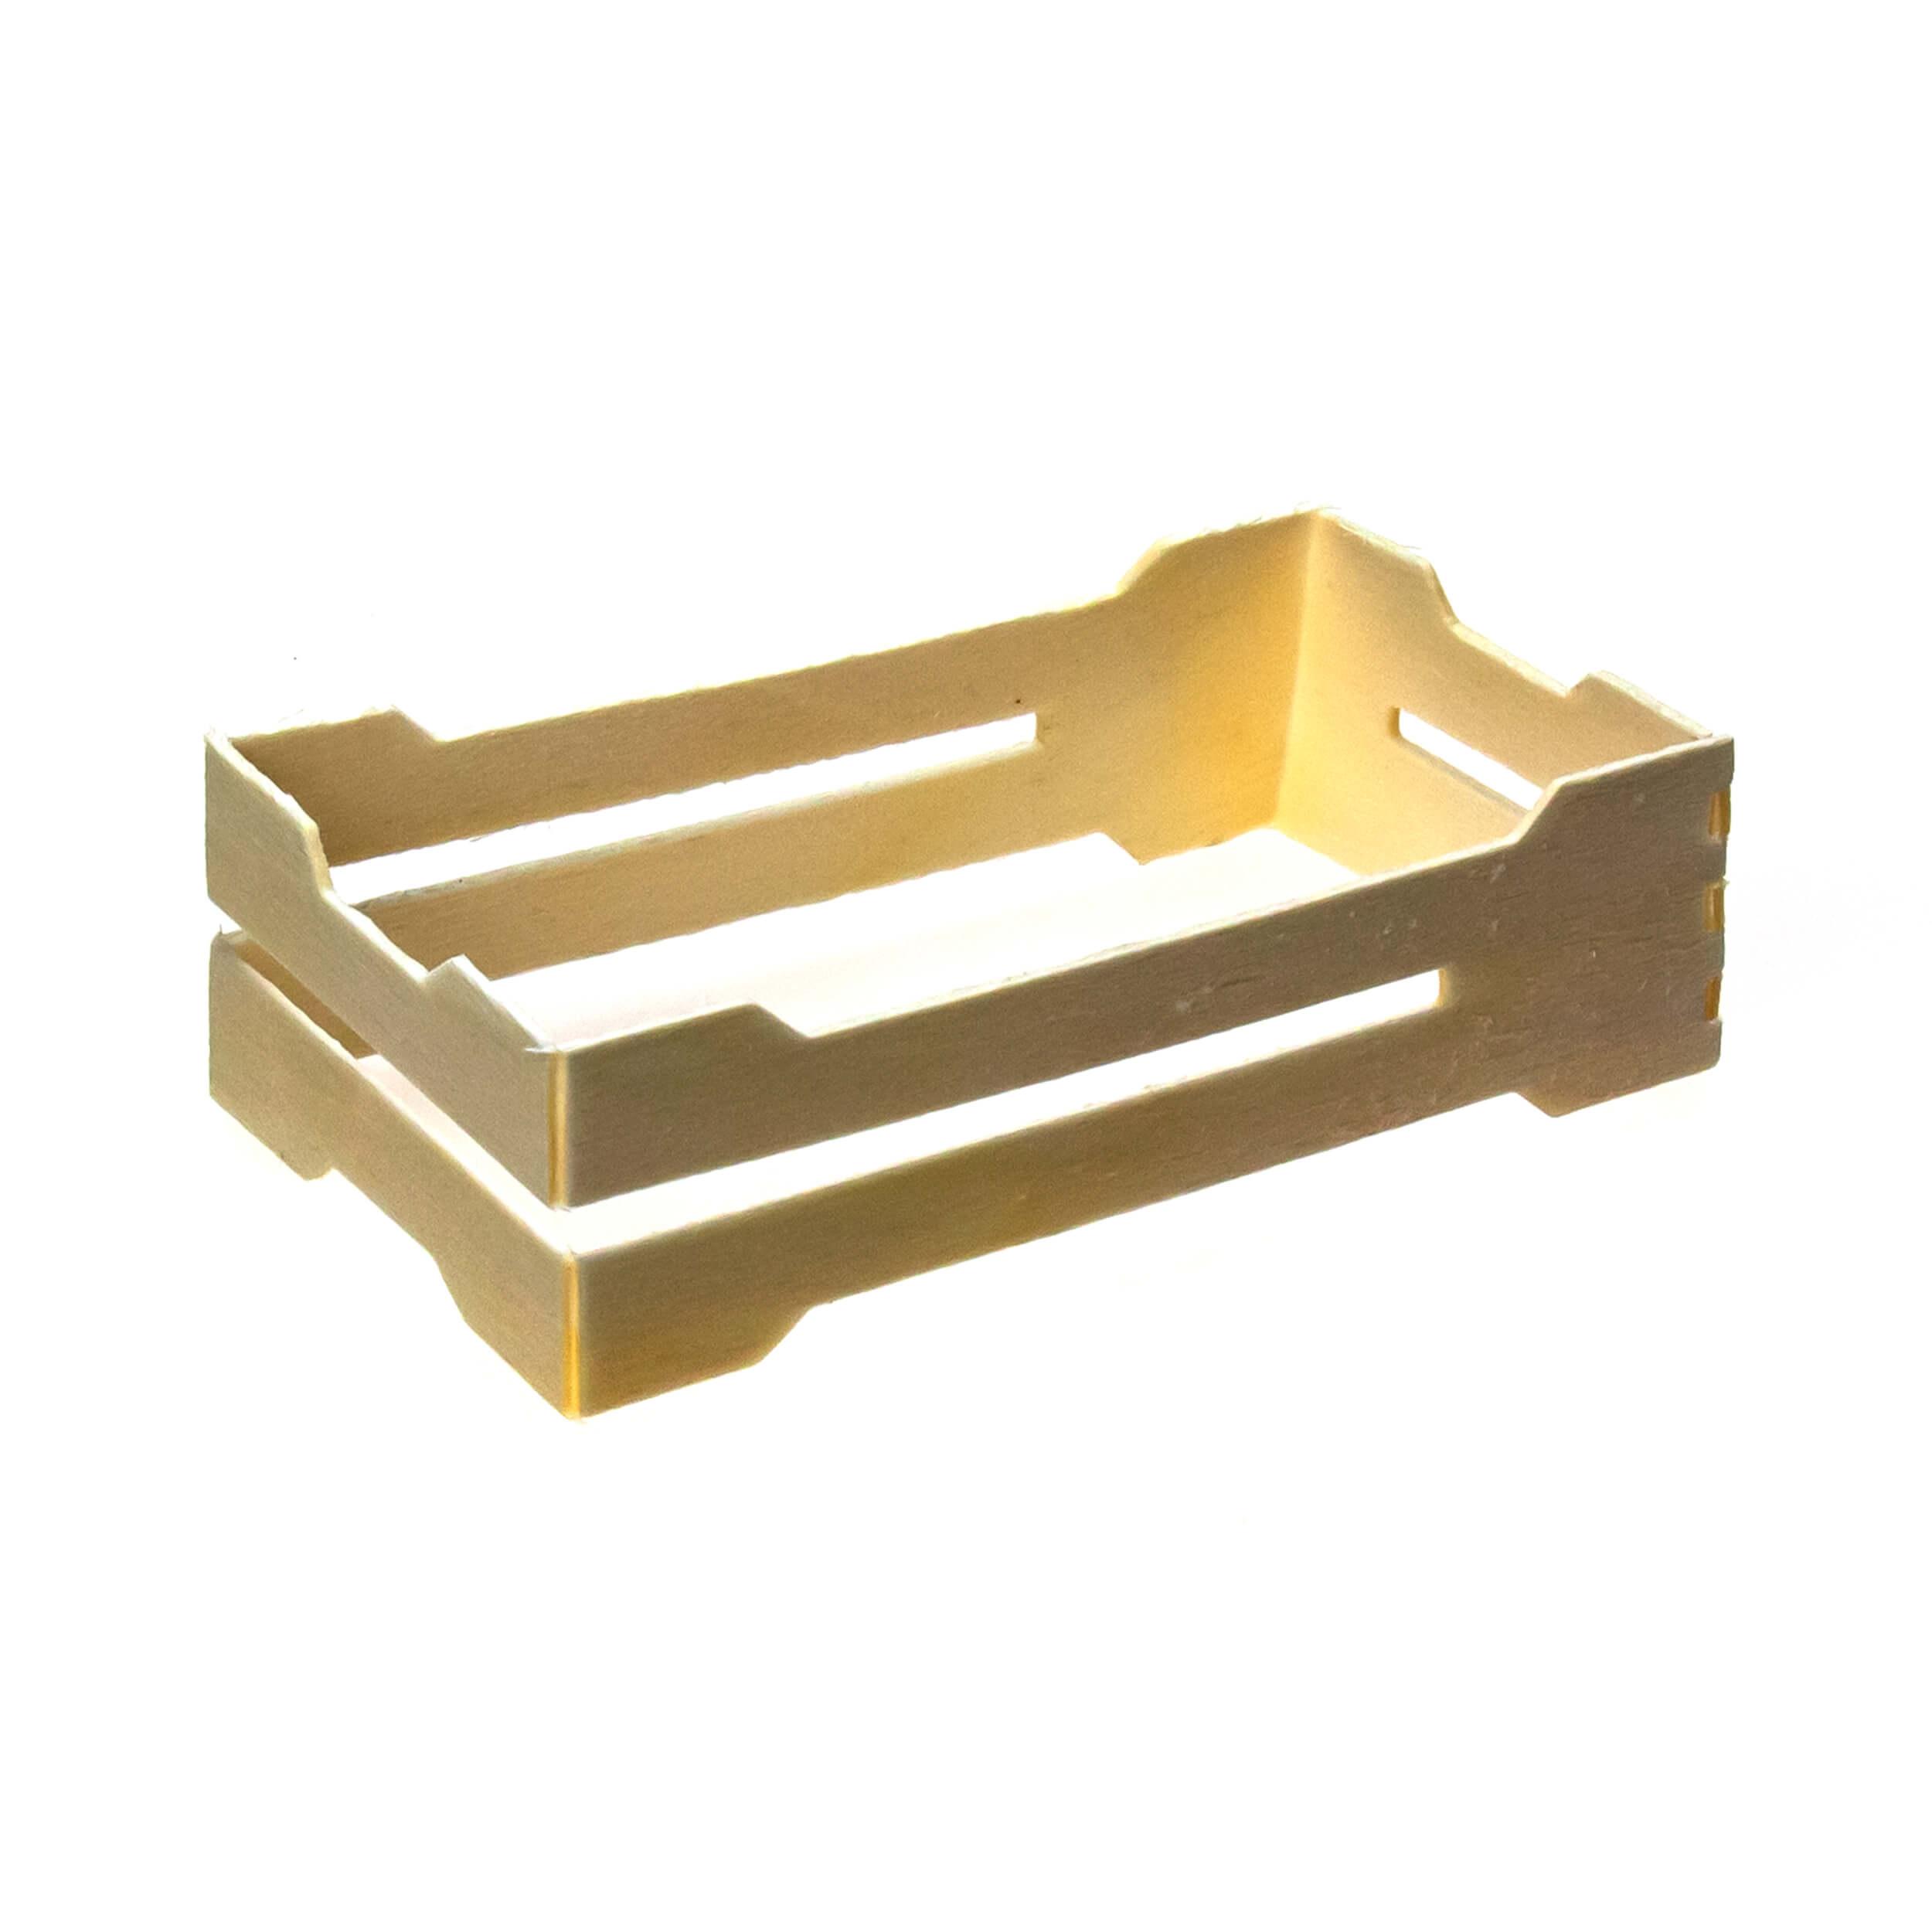 Мини рамка секционная для сотового меда (67х125х37 с универсальными пазами, дерево, упаковка 50 штук) фото